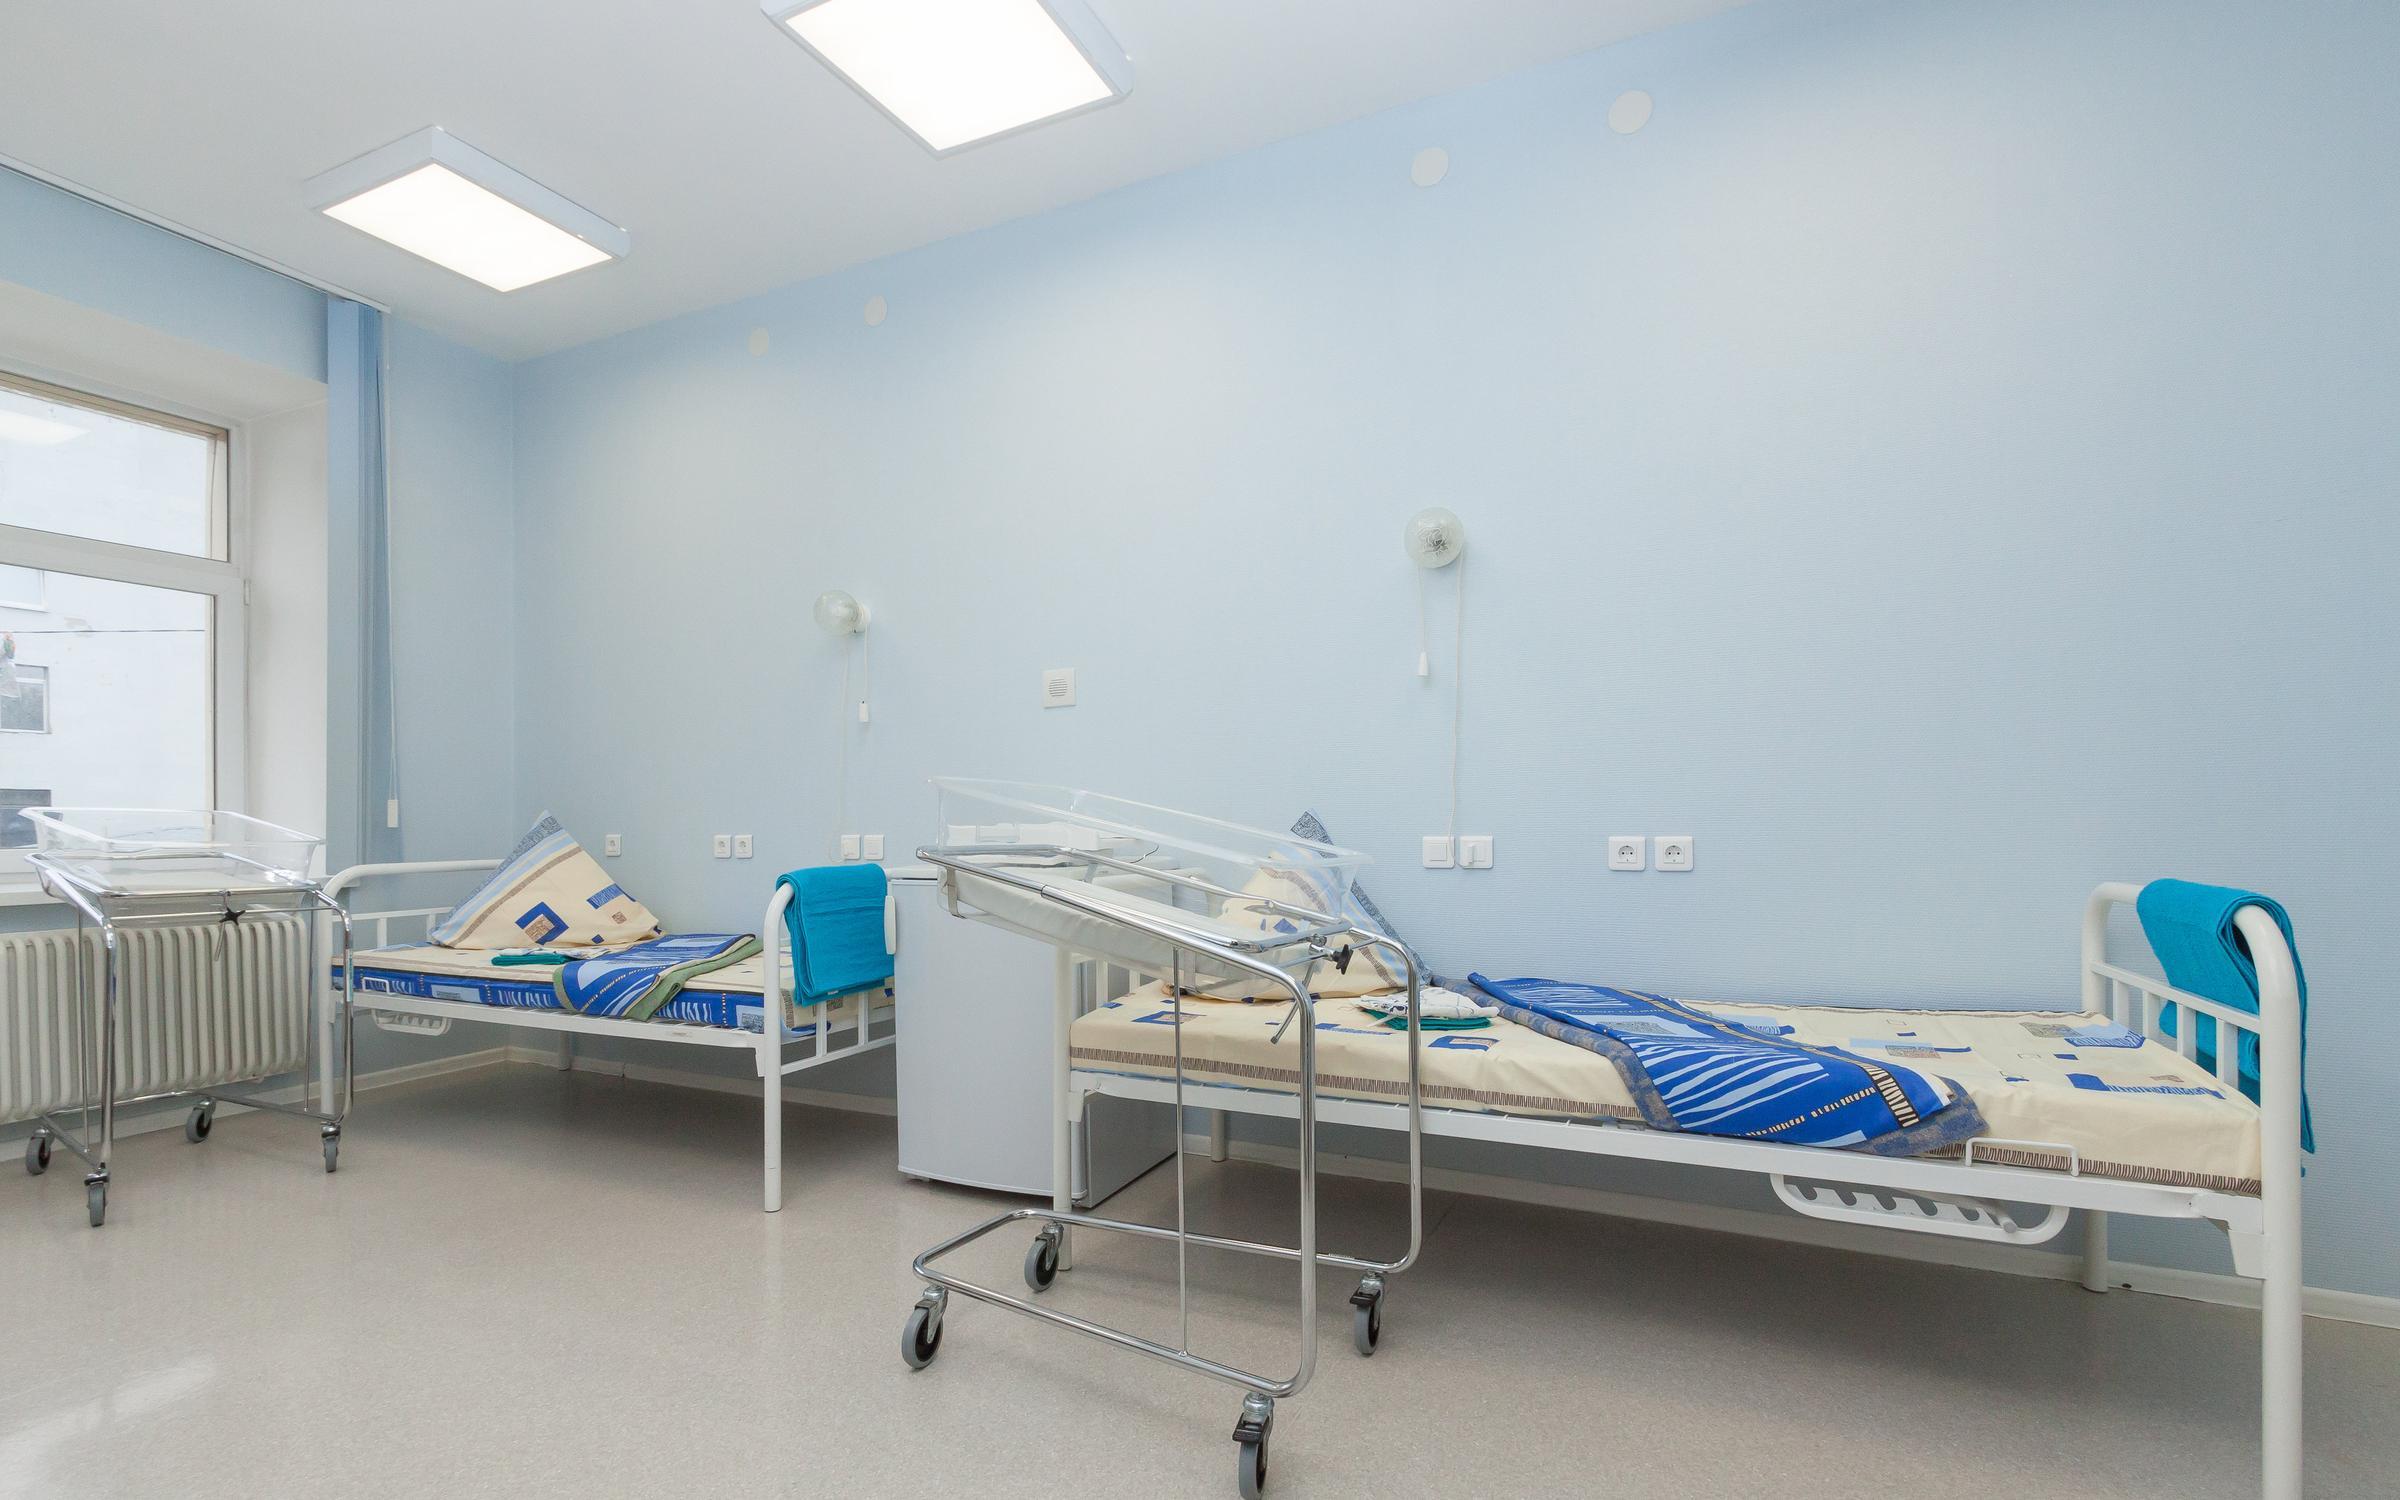 Сургутская окружная клиническая больница 1 запись на прием